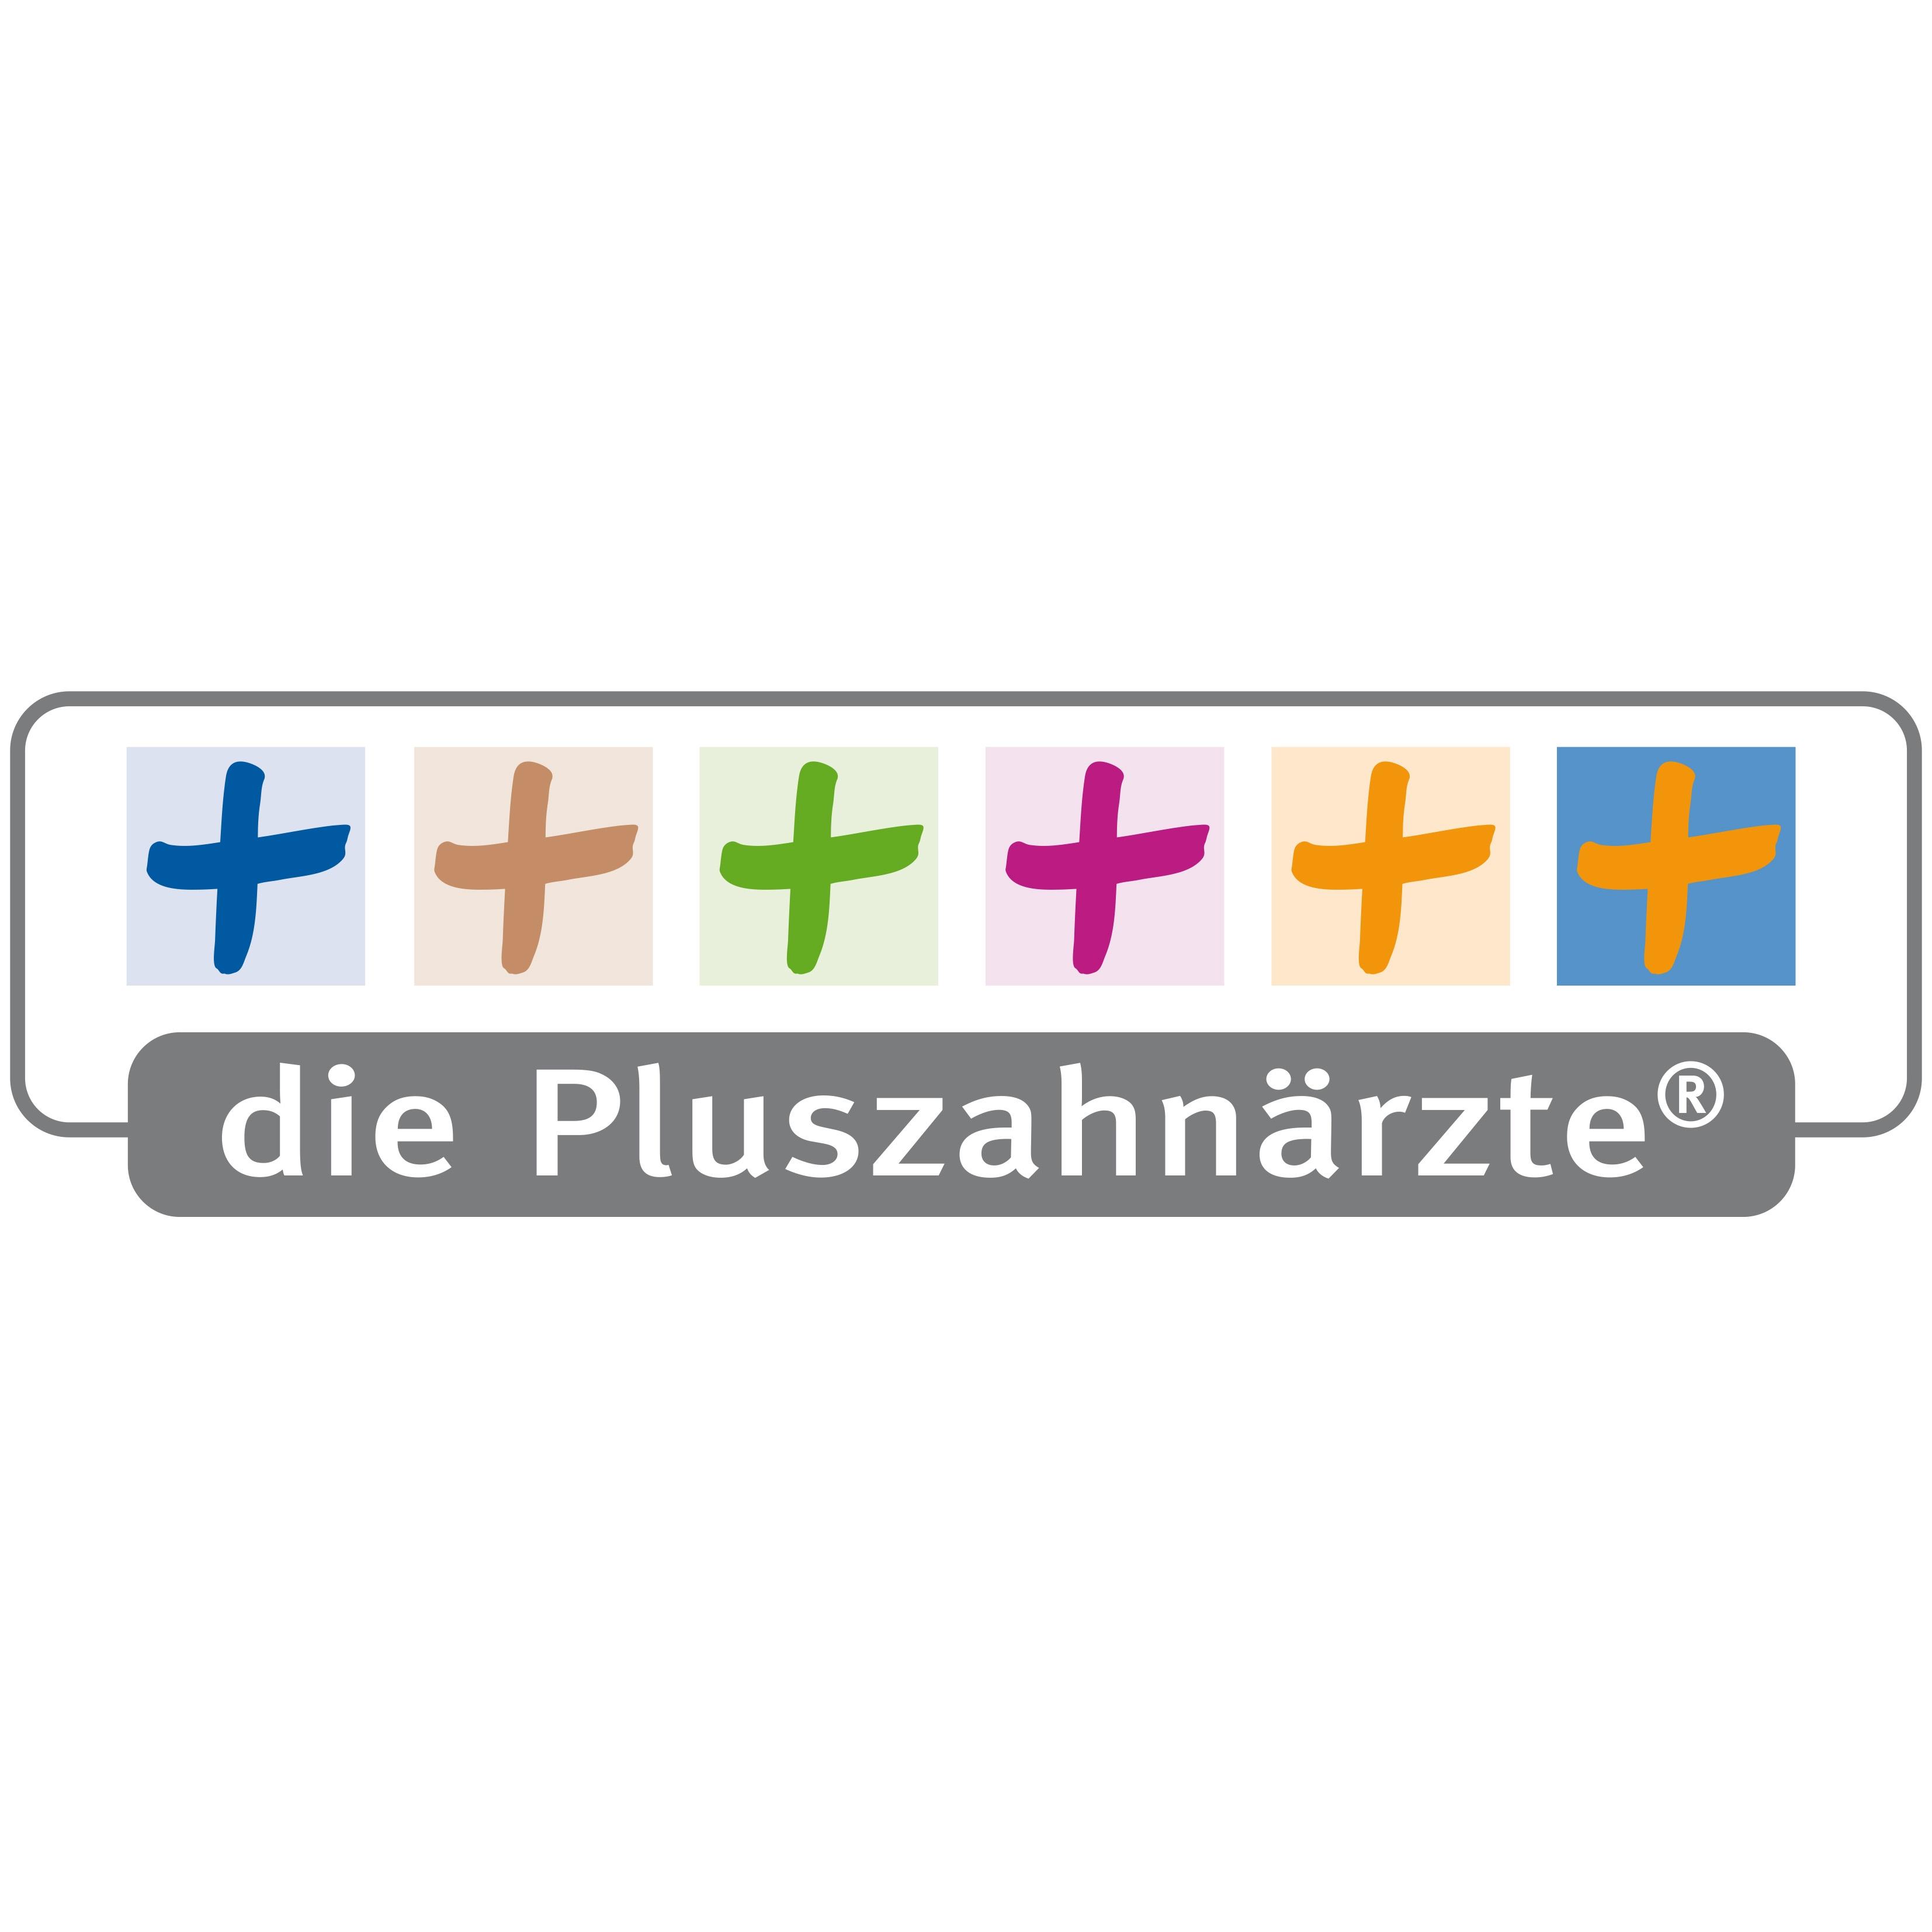 Bild zu die Pluszahnärzte® Zahnarztpraxen im Stadttor in Düsseldorf